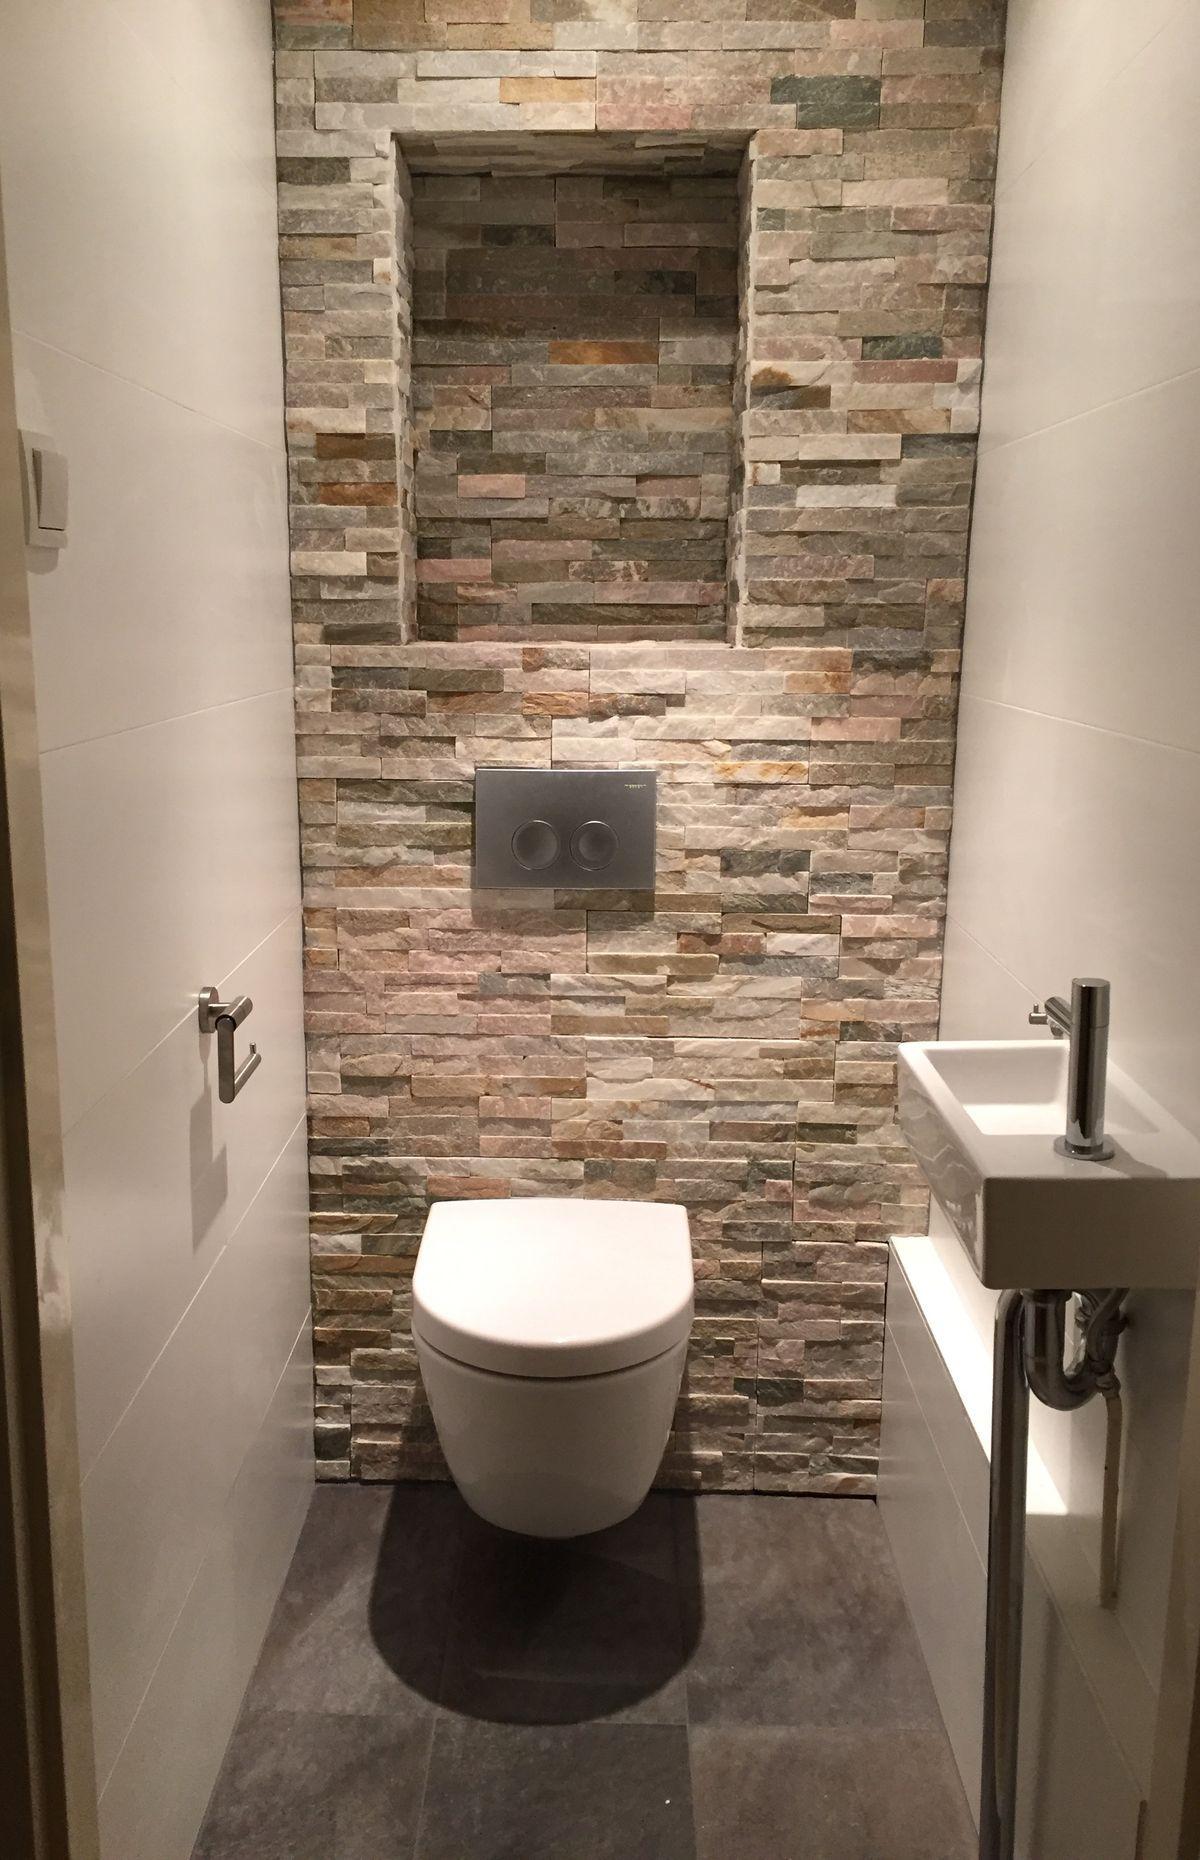 Toilet Idee Deco Toilettes Deco Toilettes